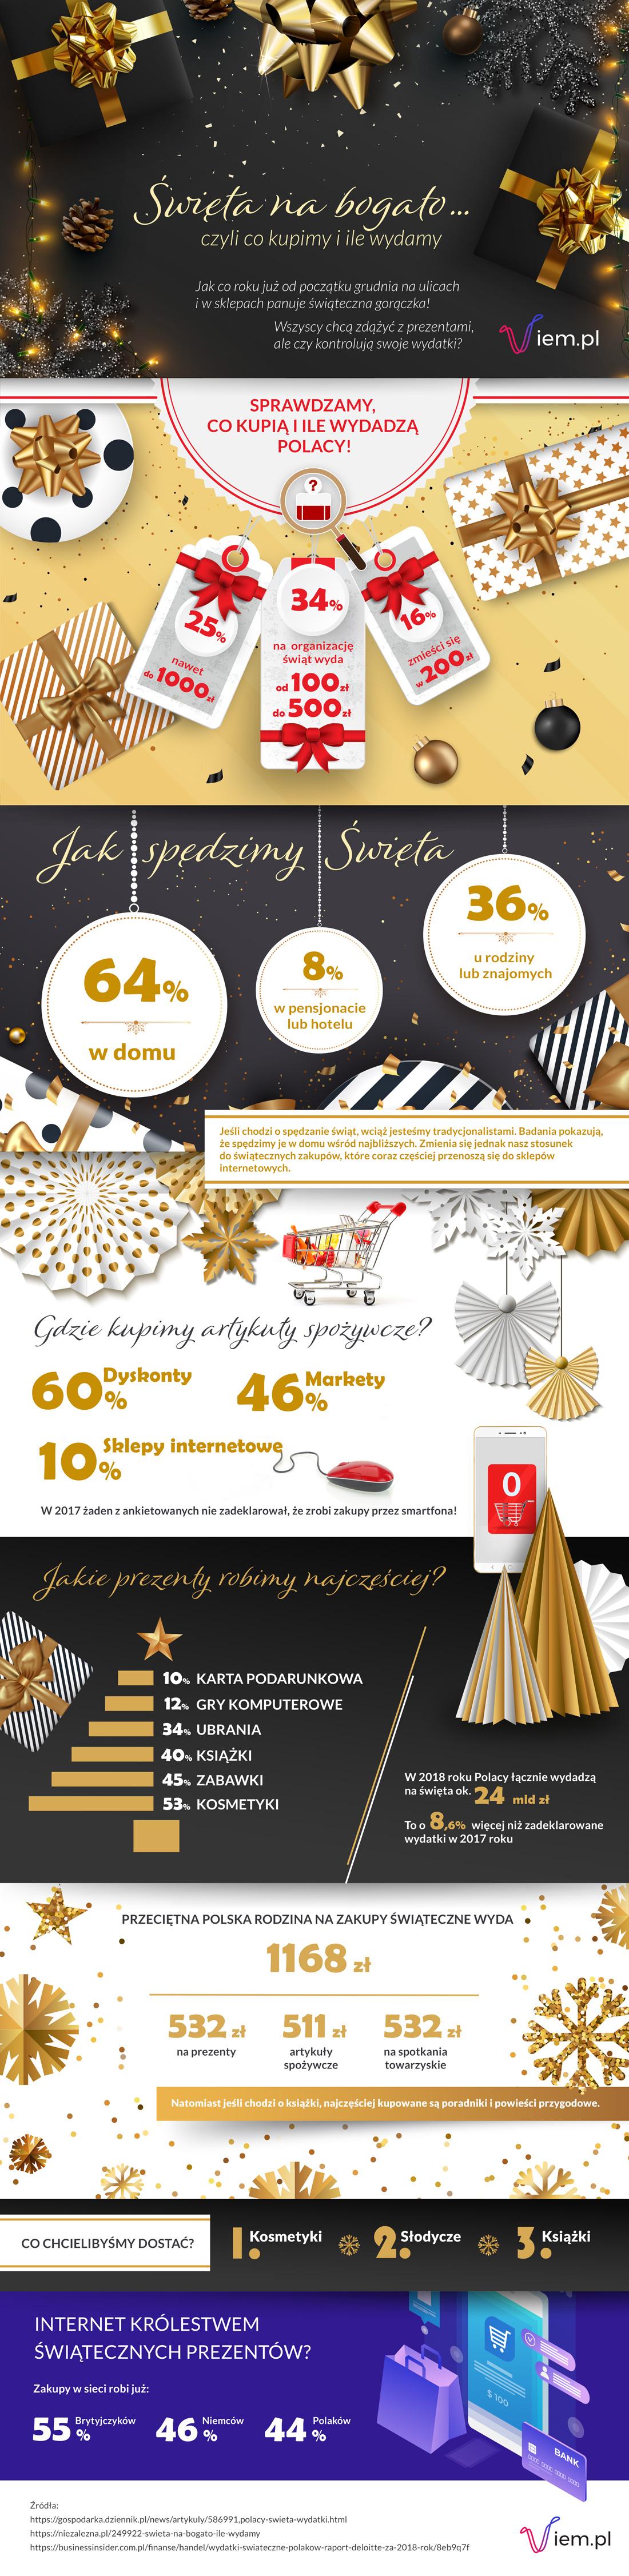 infografika_viem.pl